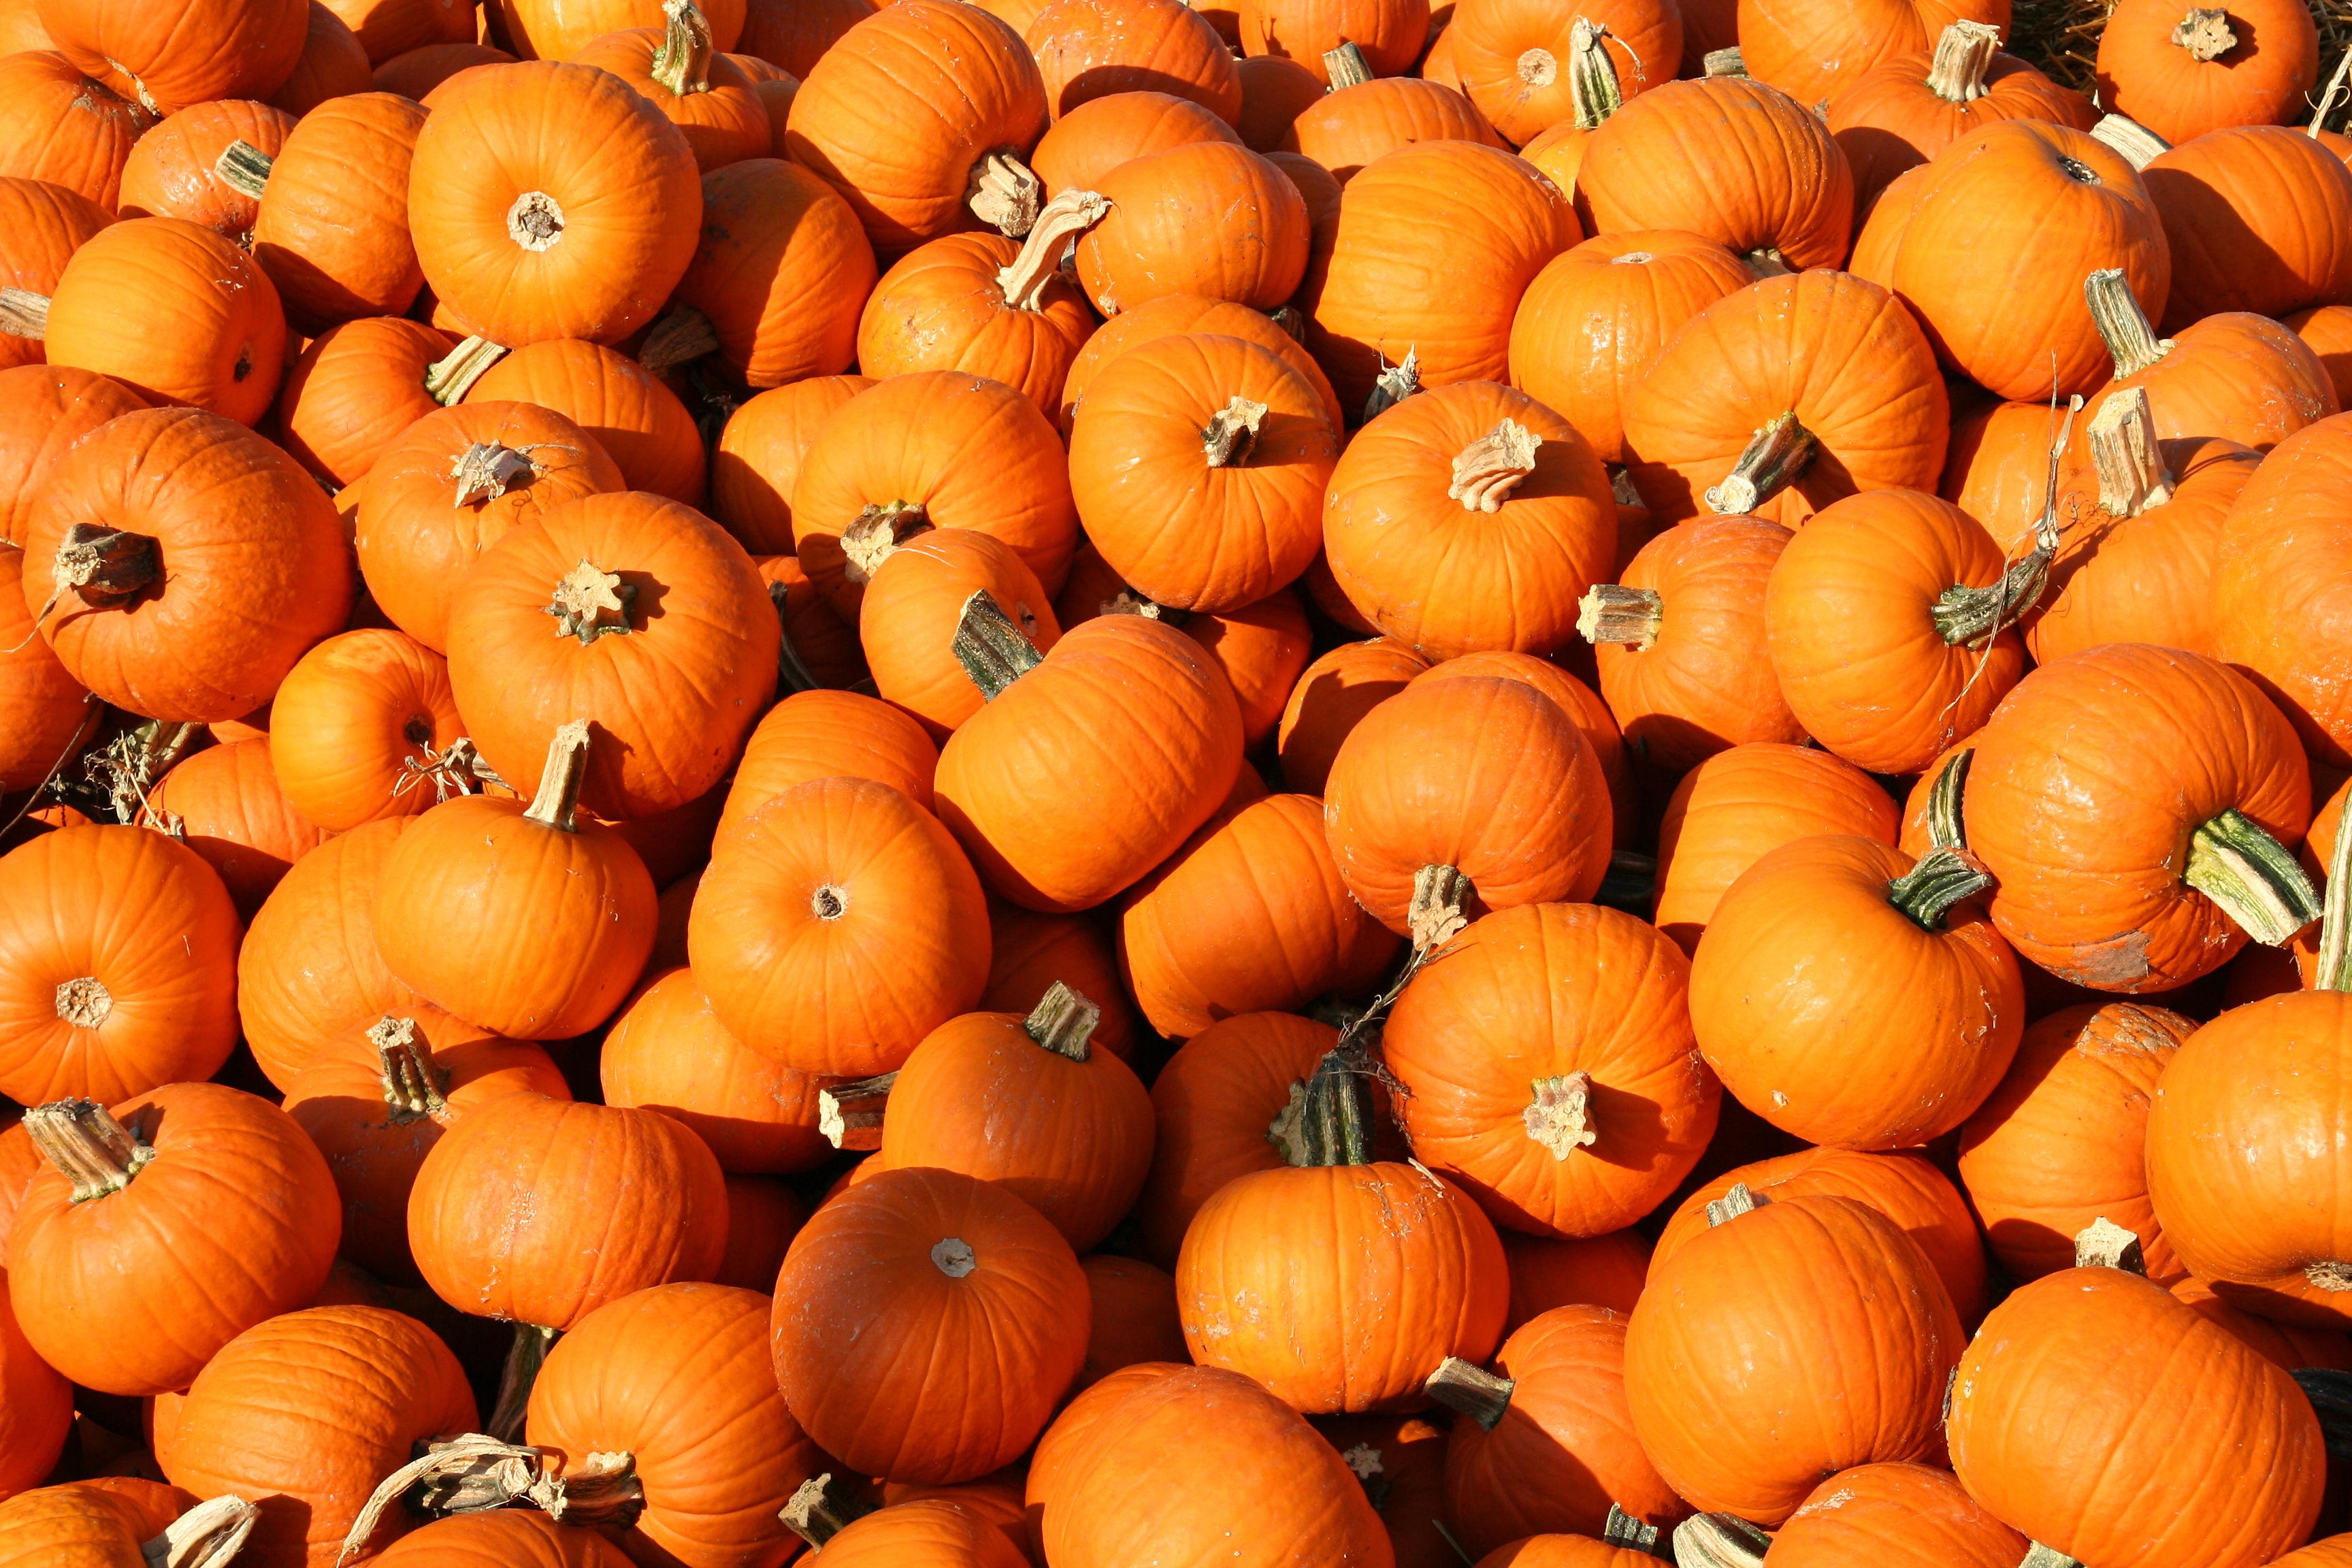 Pumpkin Wallpapers HD 3456x2304